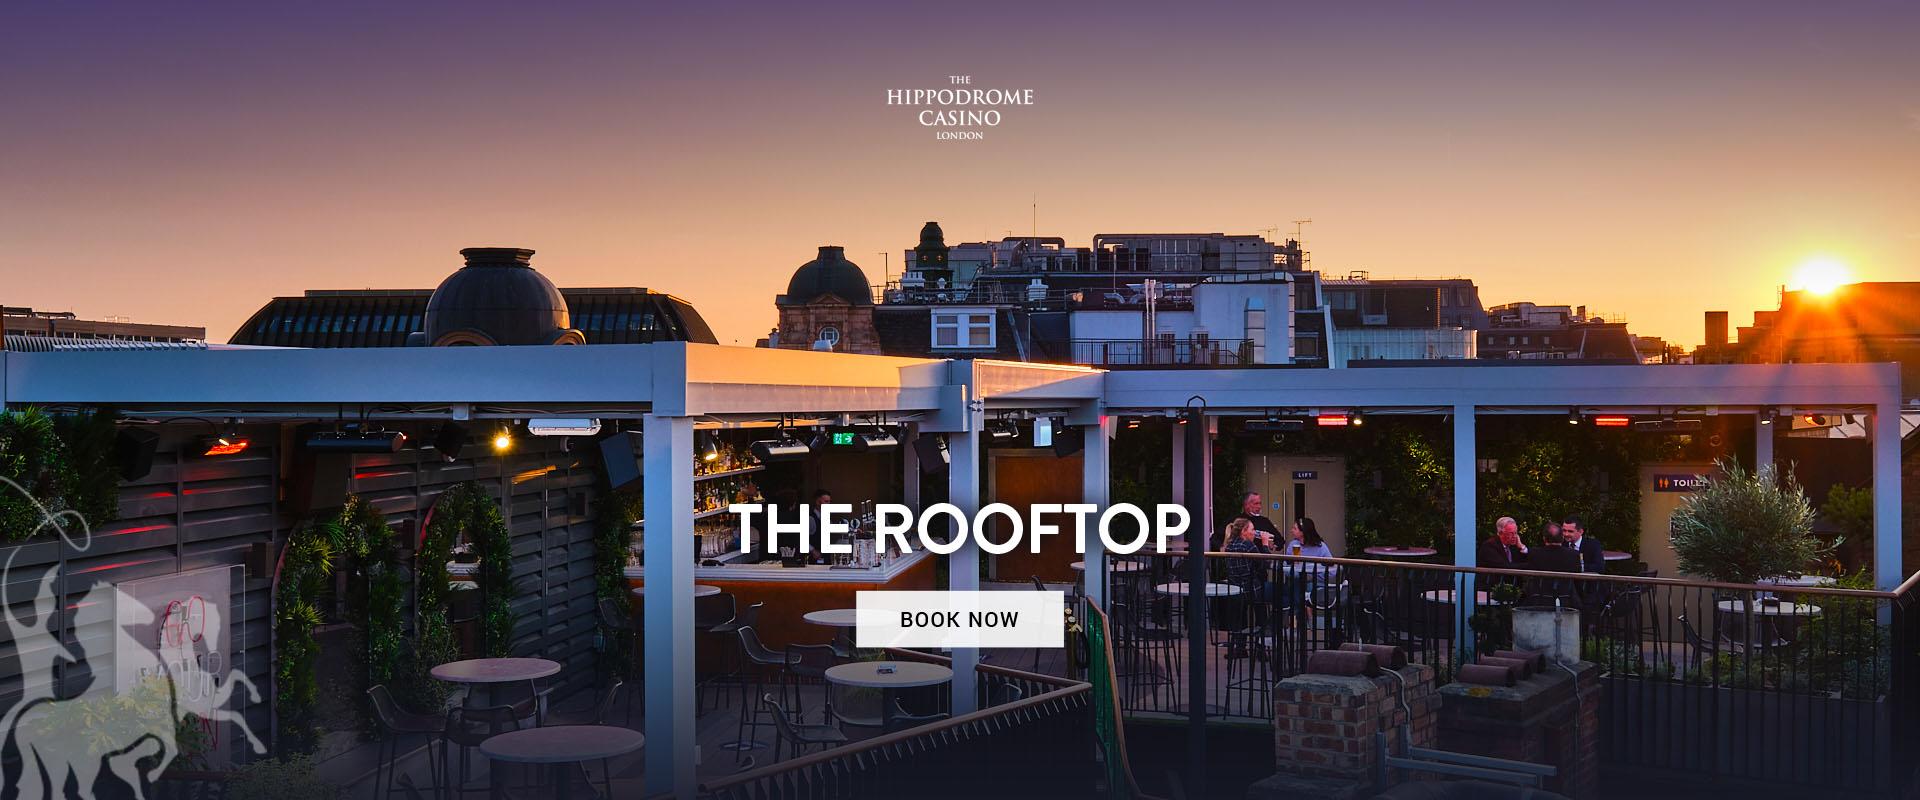 the-rooftop-slide-1.jpg